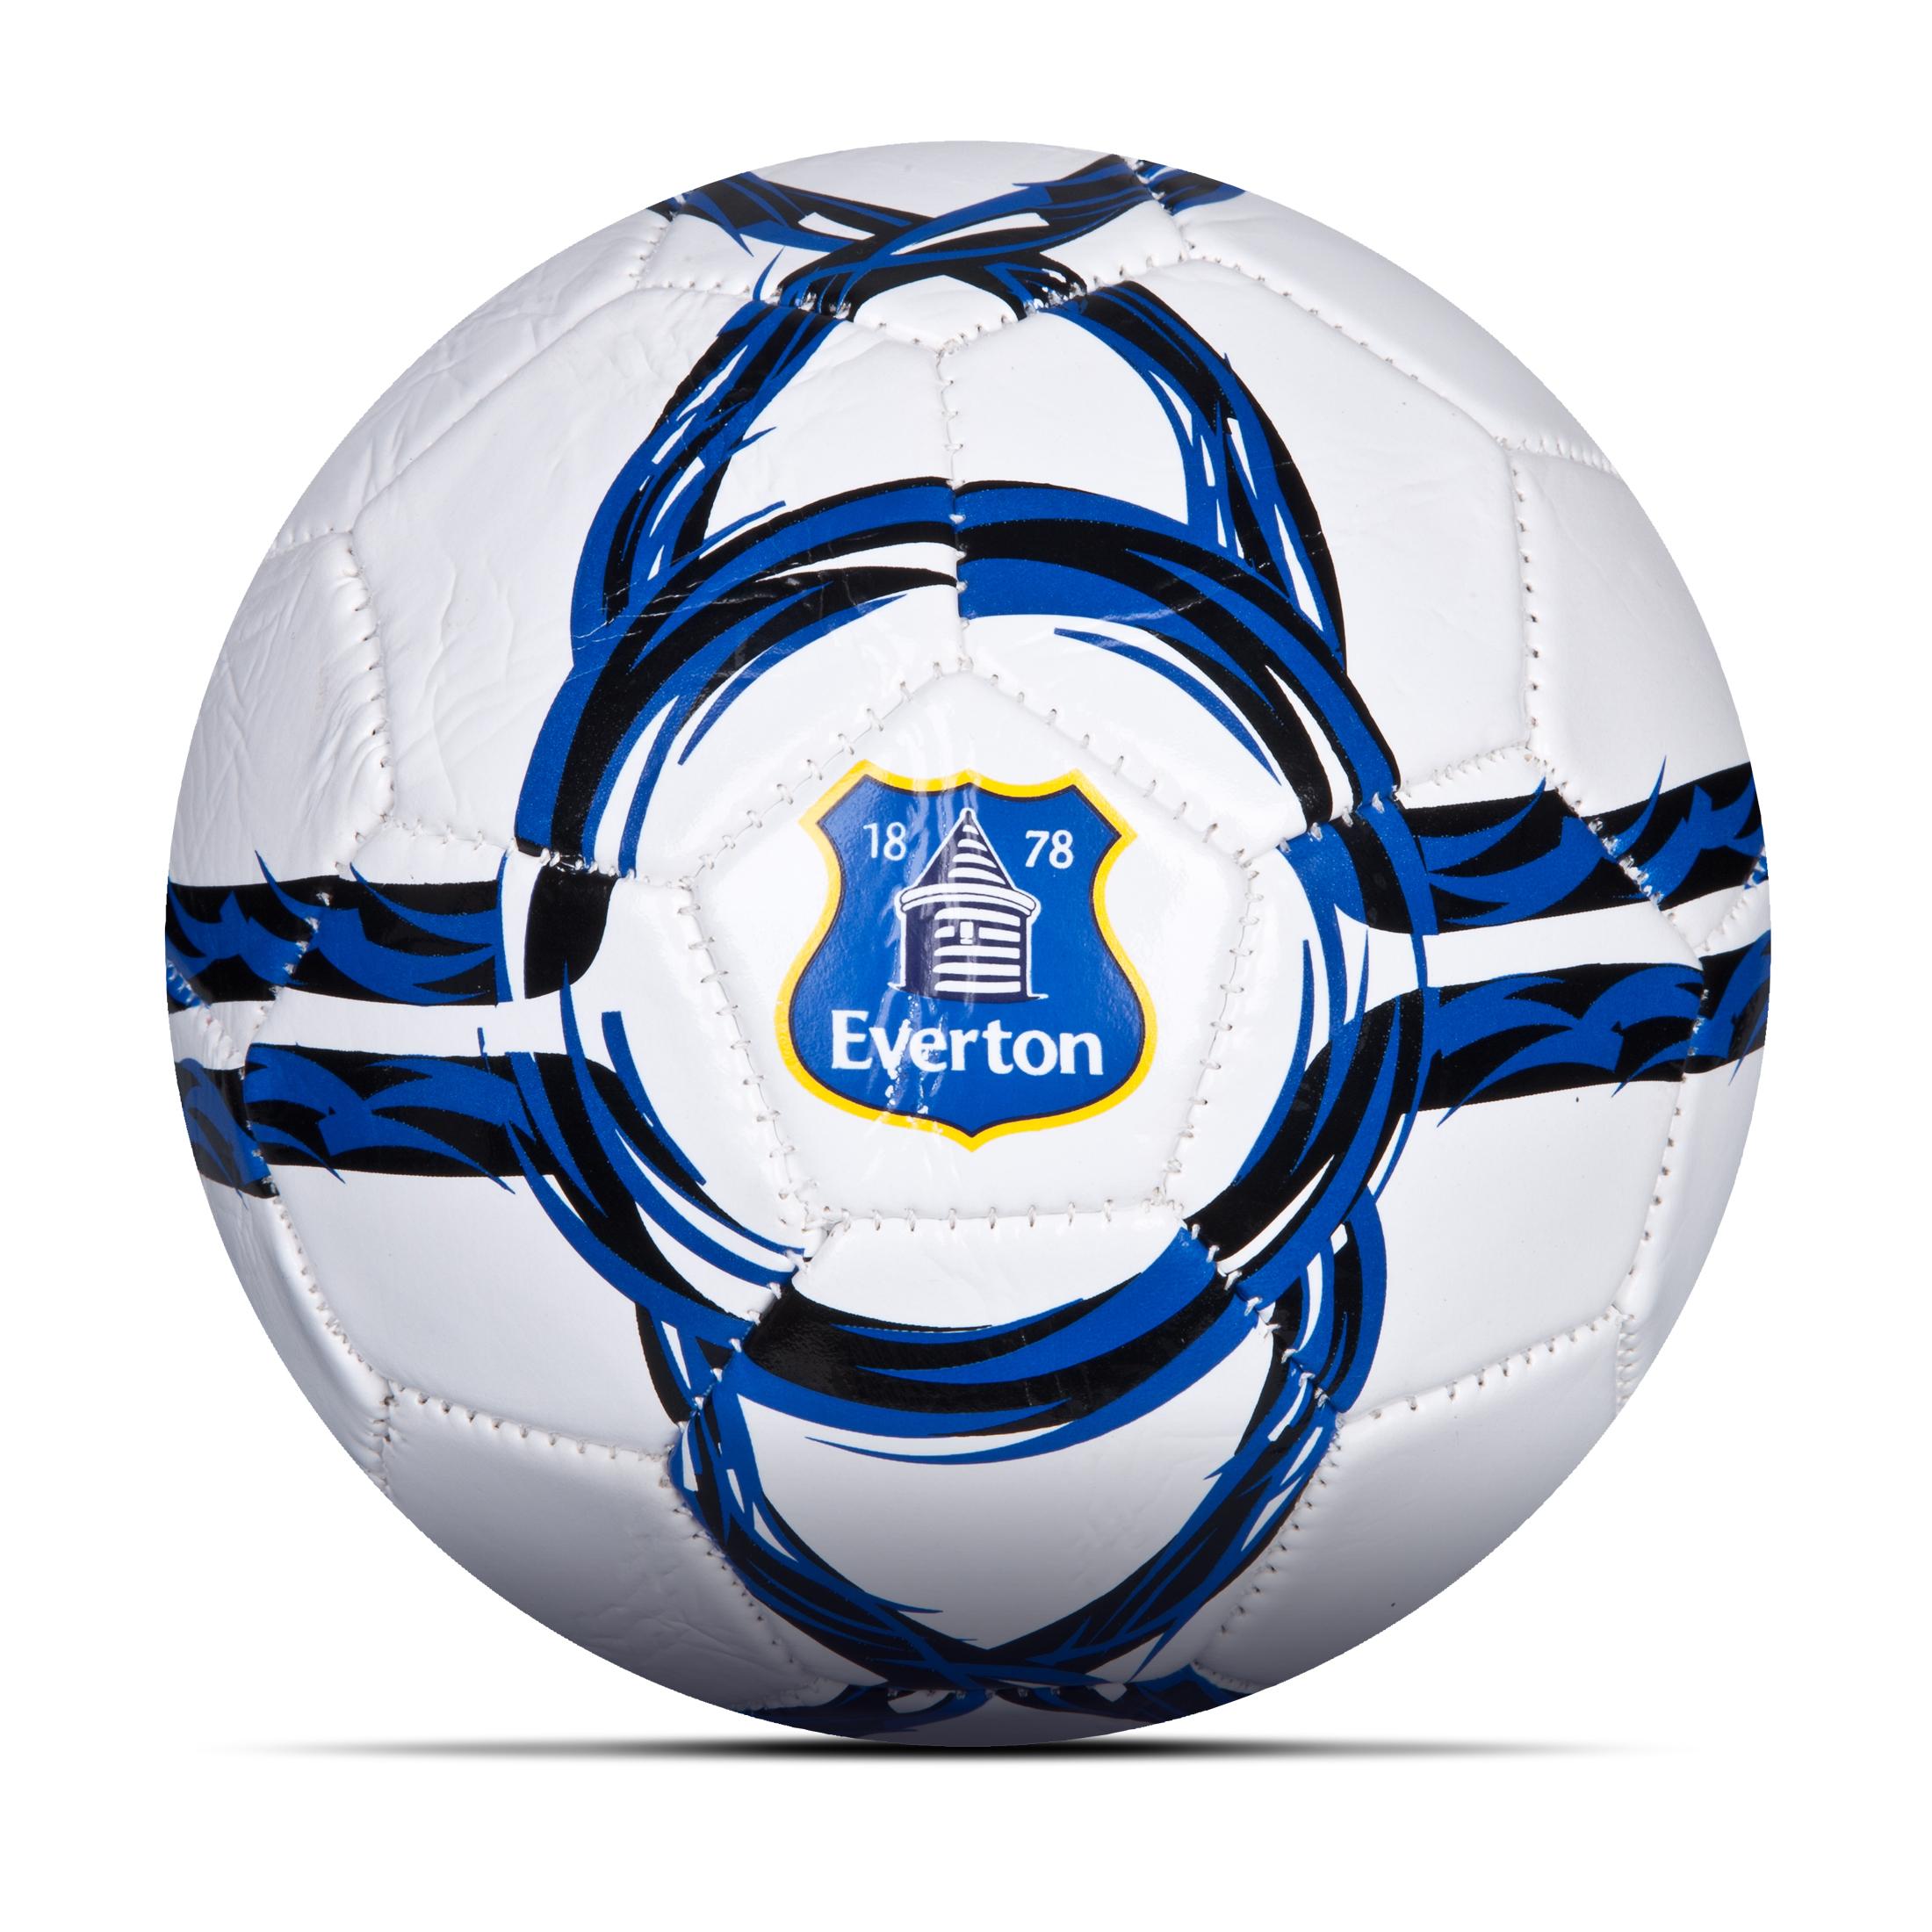 Everton Core Football - Size 2 - White